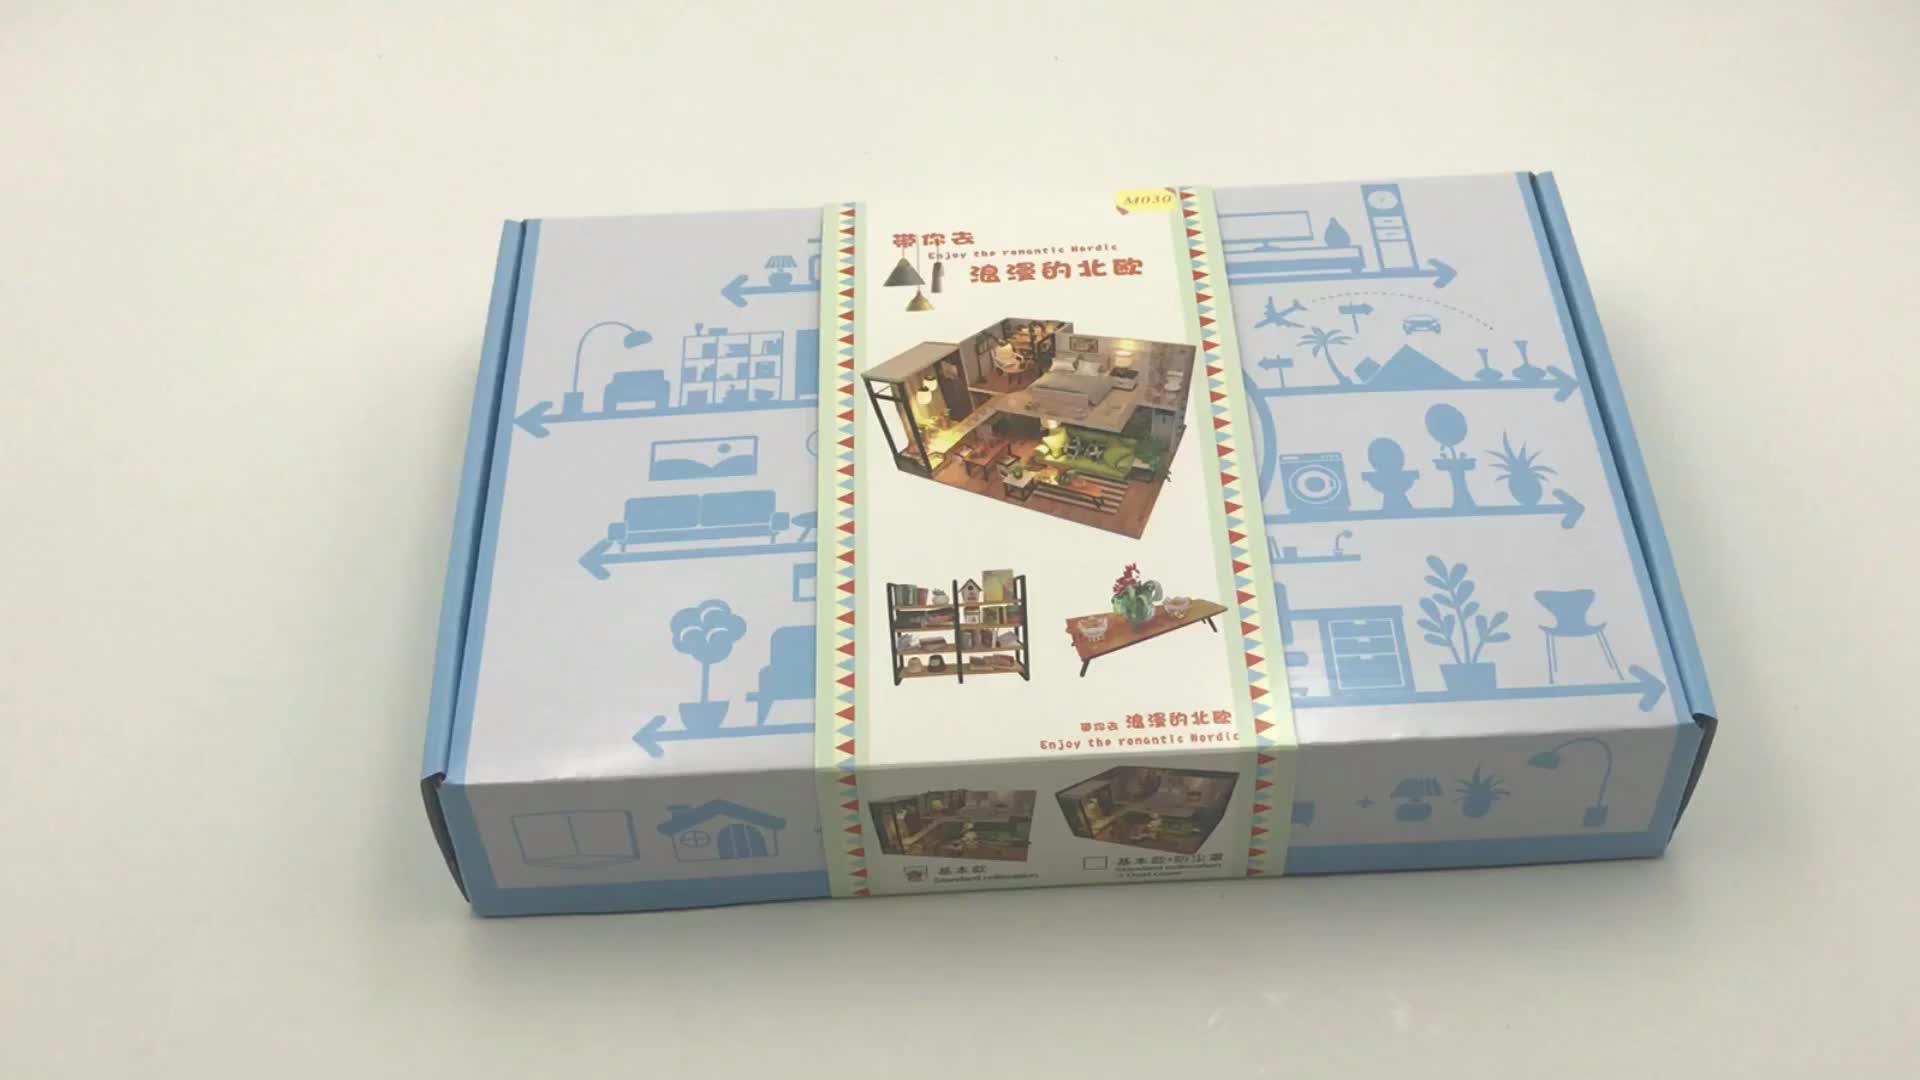 Großhandel spielzeug 1:24 skala miniature holz handwerk puppe häuser